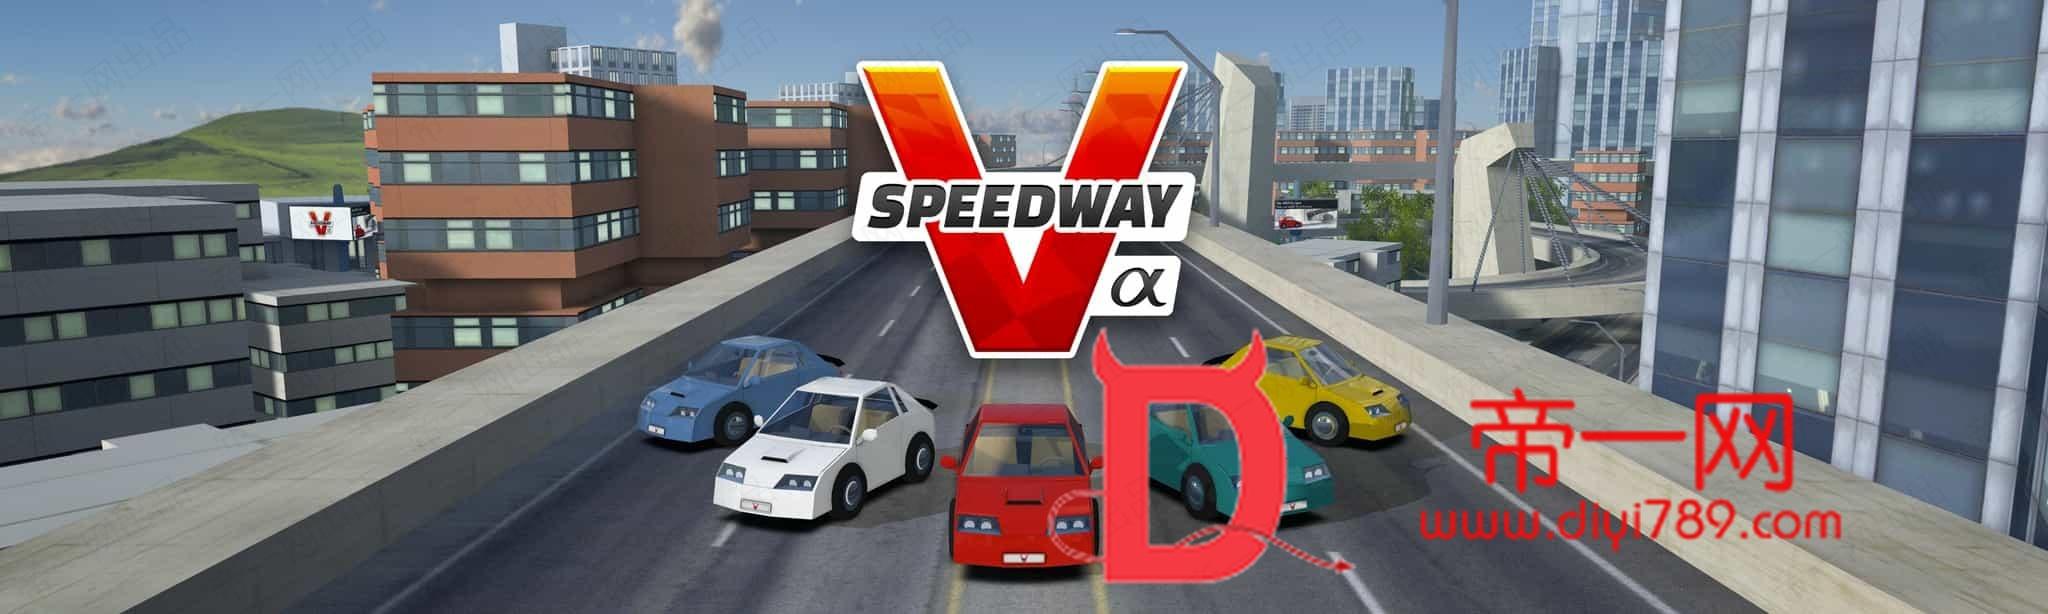 新版Oculus Quest 游戏《V-Speedway Alpha》模拟赛车驾驶VR游戏下载